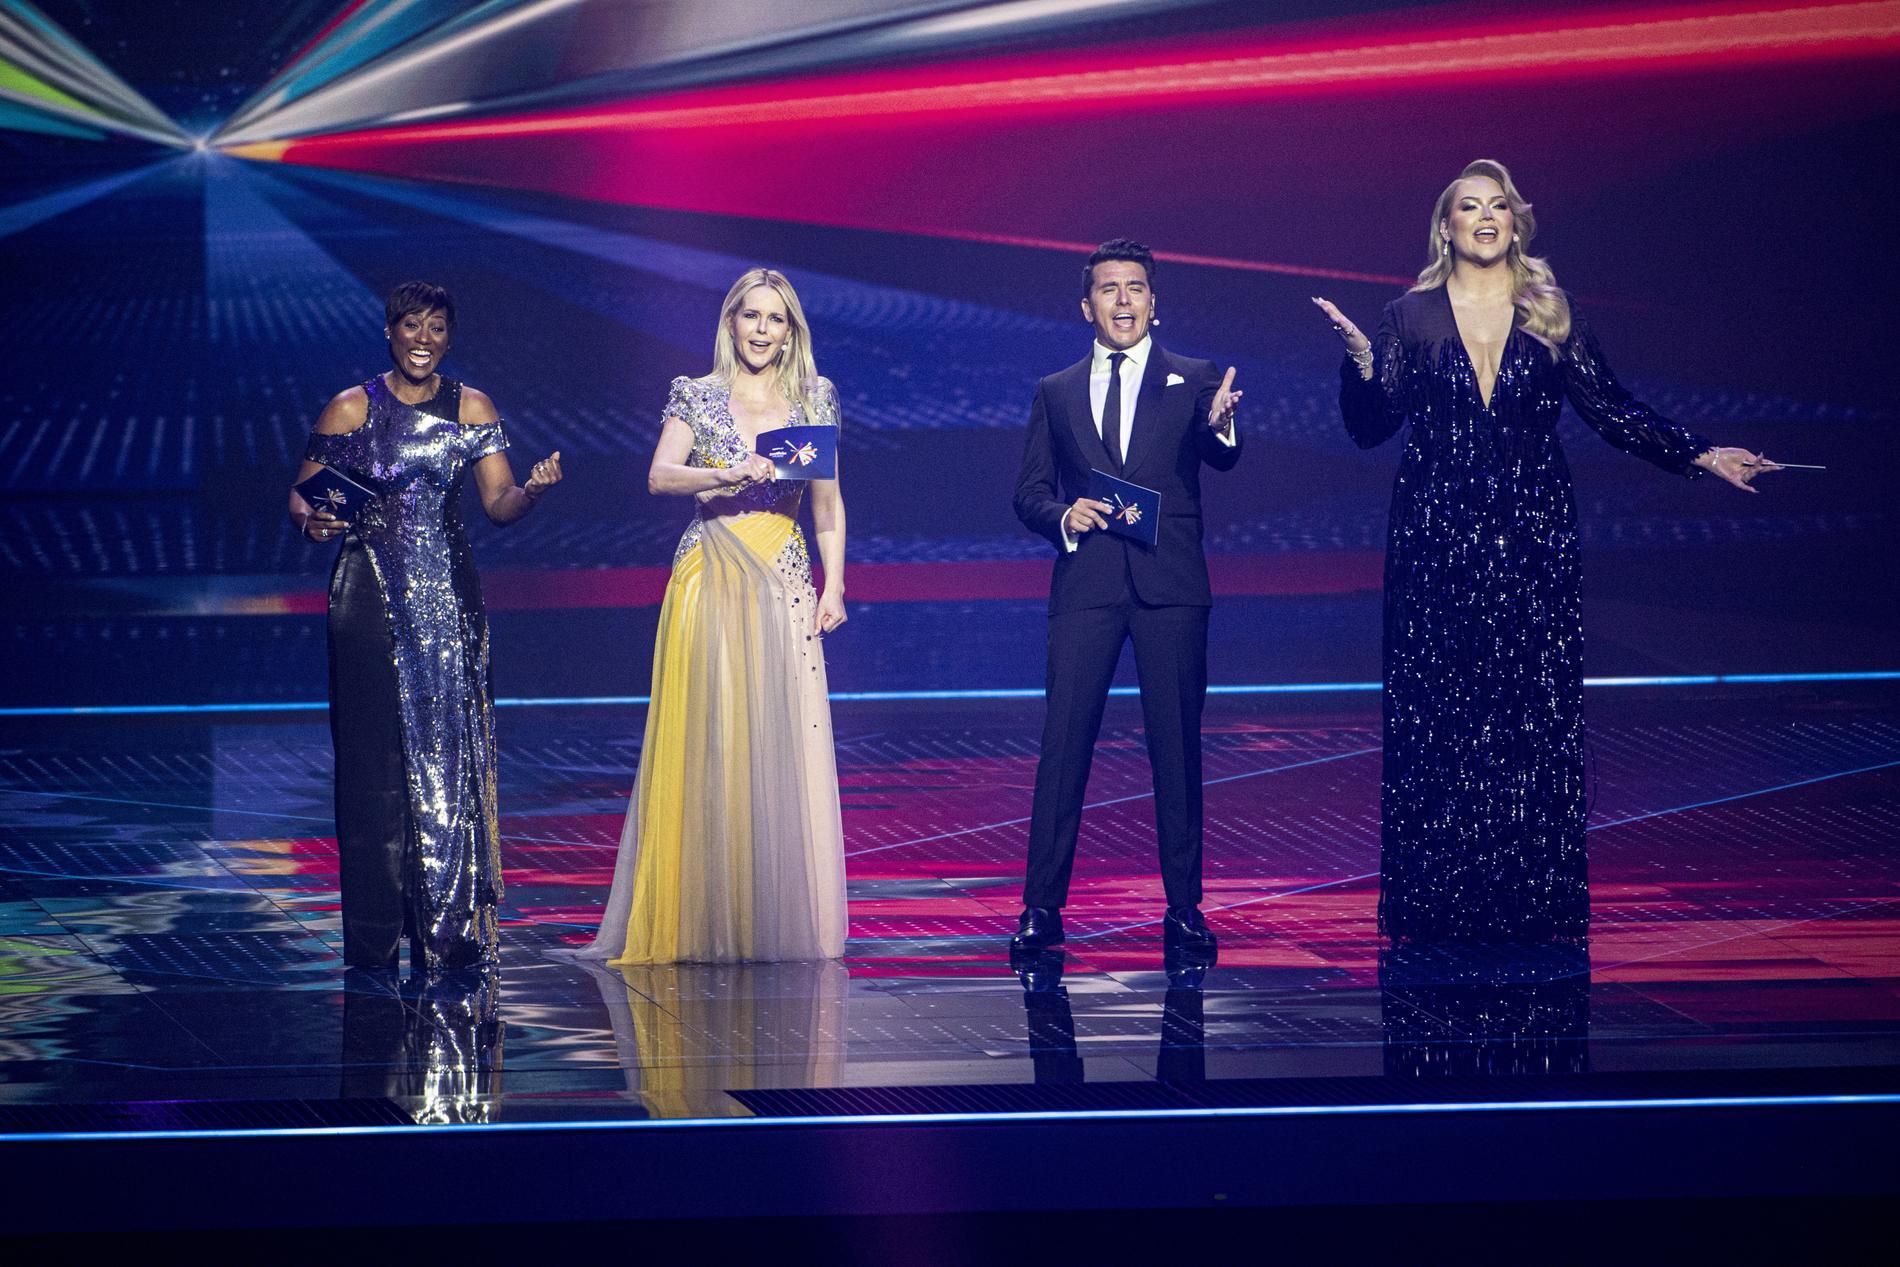 Nikkie de Jager tillsammans med de tre andra programledarna: Jan Smit, Edsilia Rombley och Chantal Janzen.